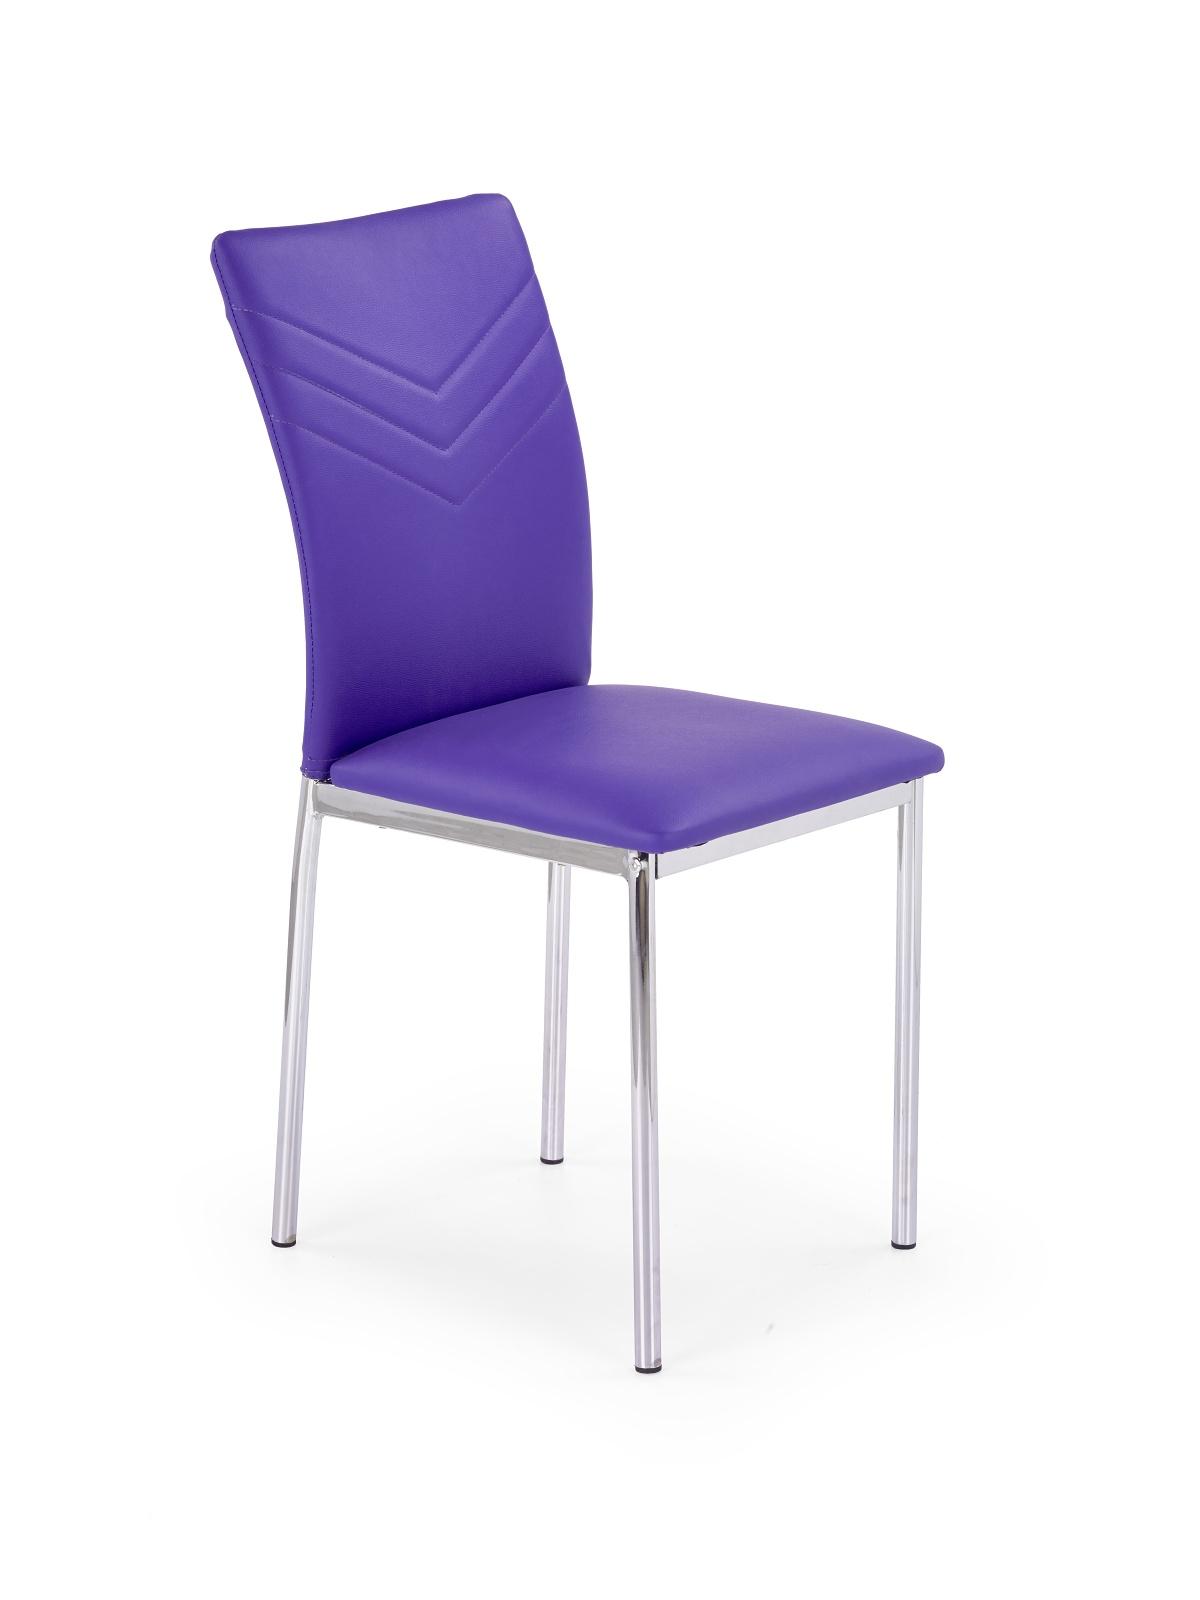 Jedálenská stolička - Halmar - K137 fialová